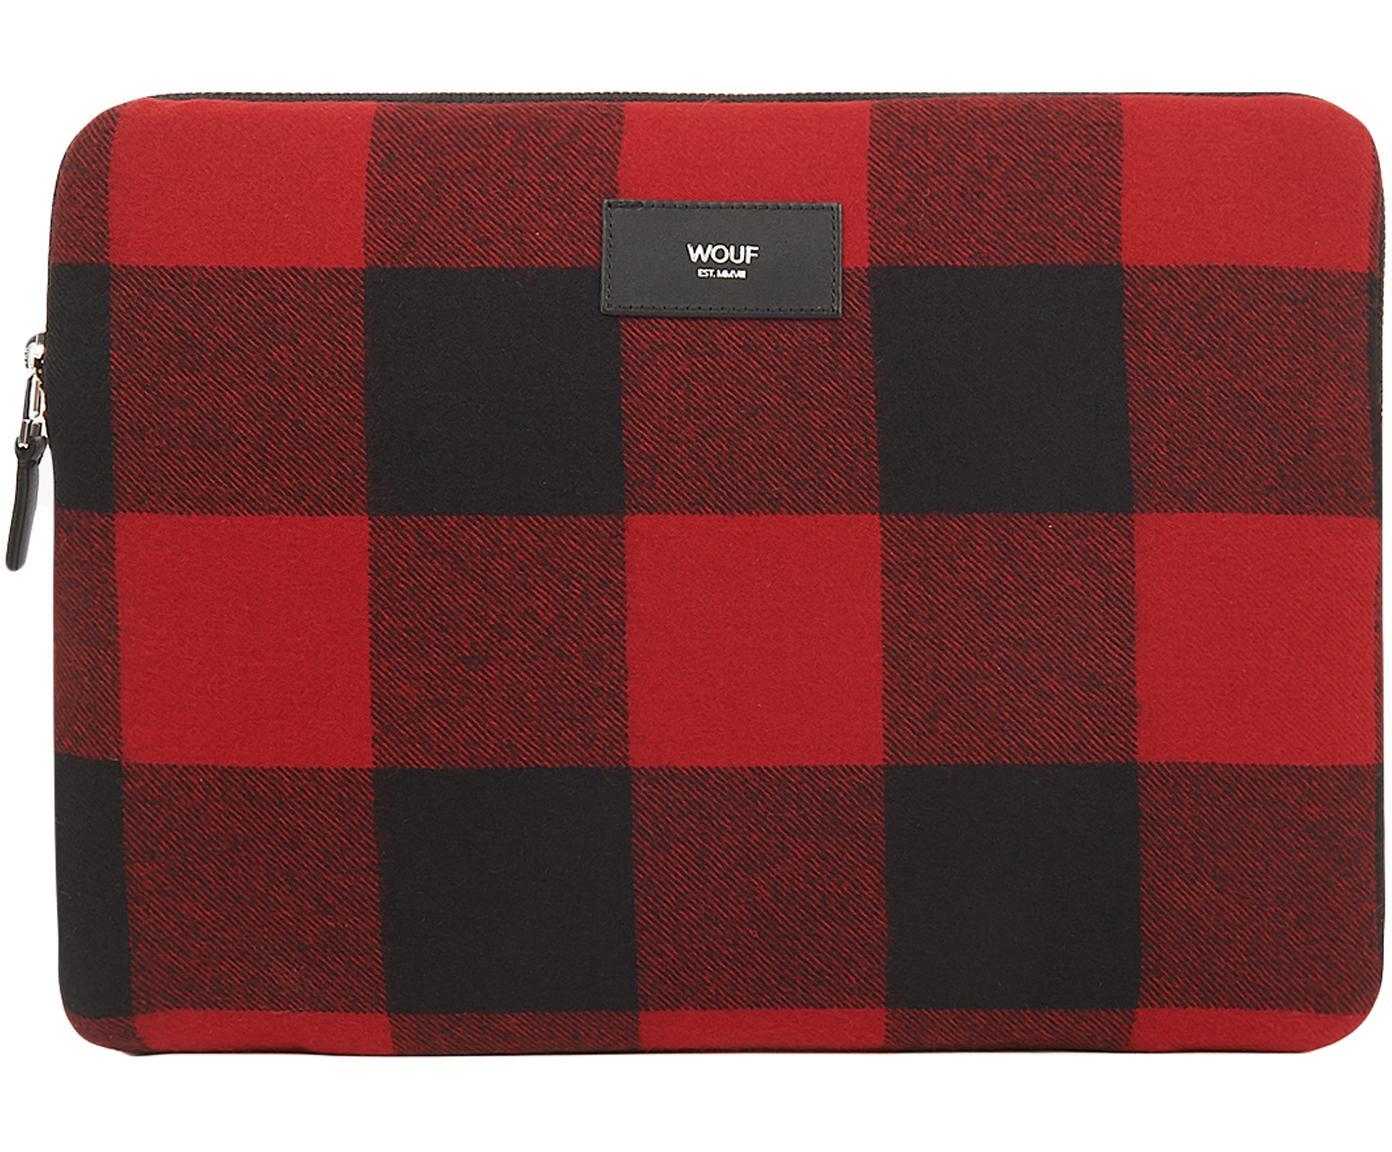 Pokrowiec na MacBook Pro 13 cali Red Jack, Bawełna, skóra, Czerwony, czarny, S 33 x W 23 cm